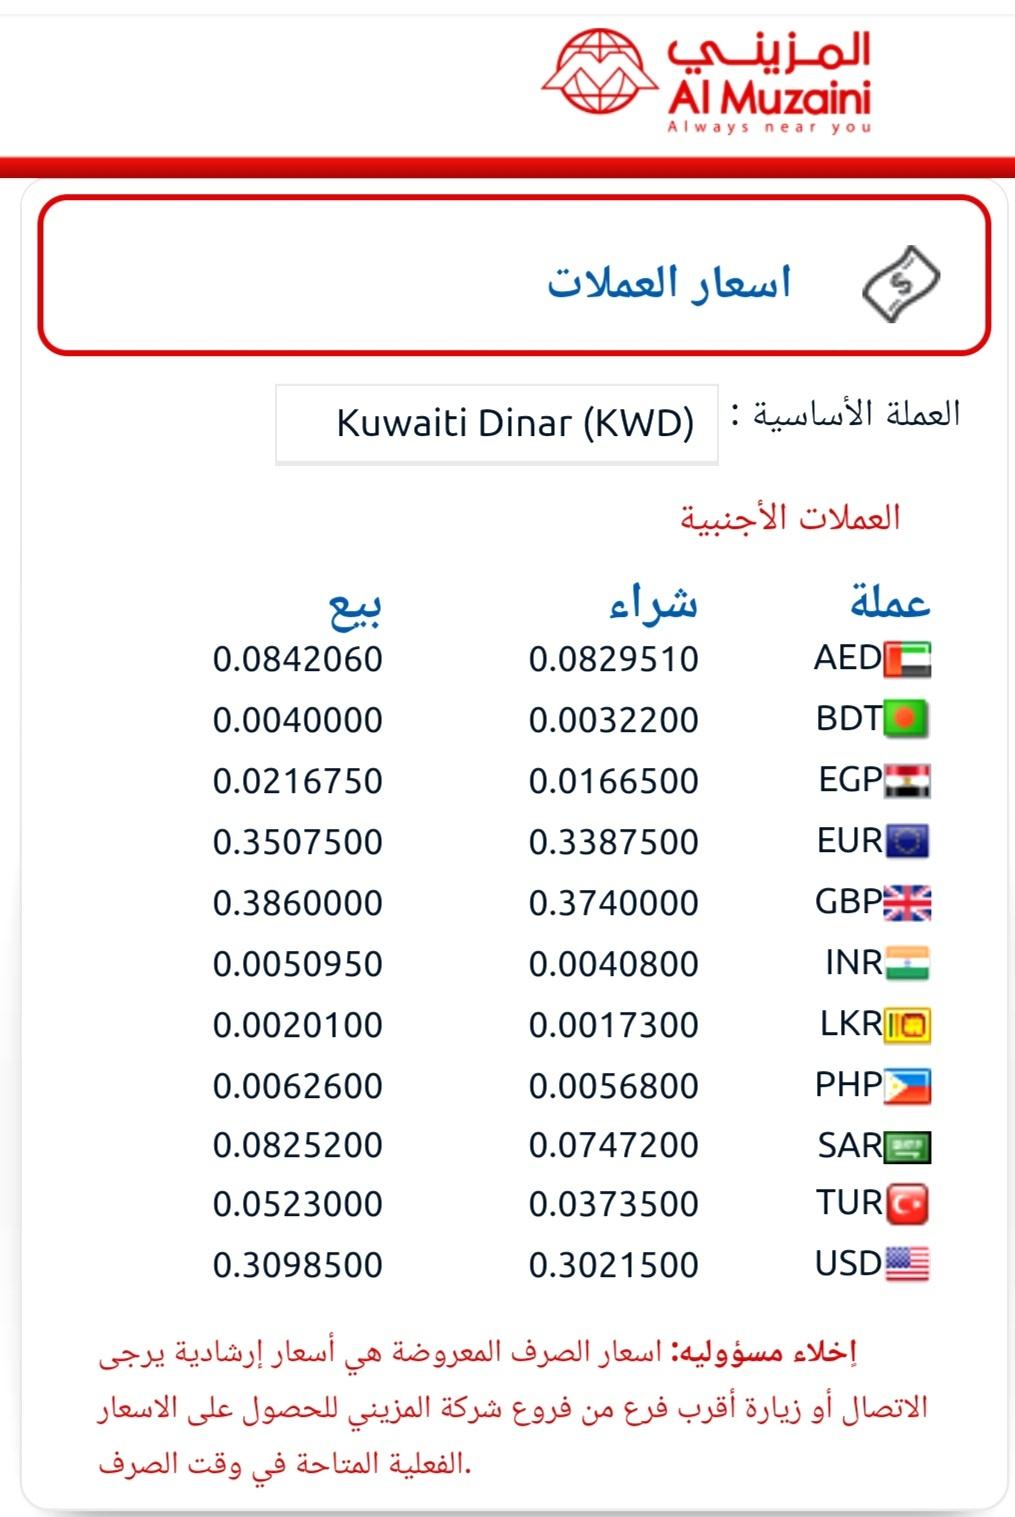 شركة المزيني الكويت سعر تحويل الف جنيه مصري مقابل دينار كويتي والعملات ٢٩ يونيو